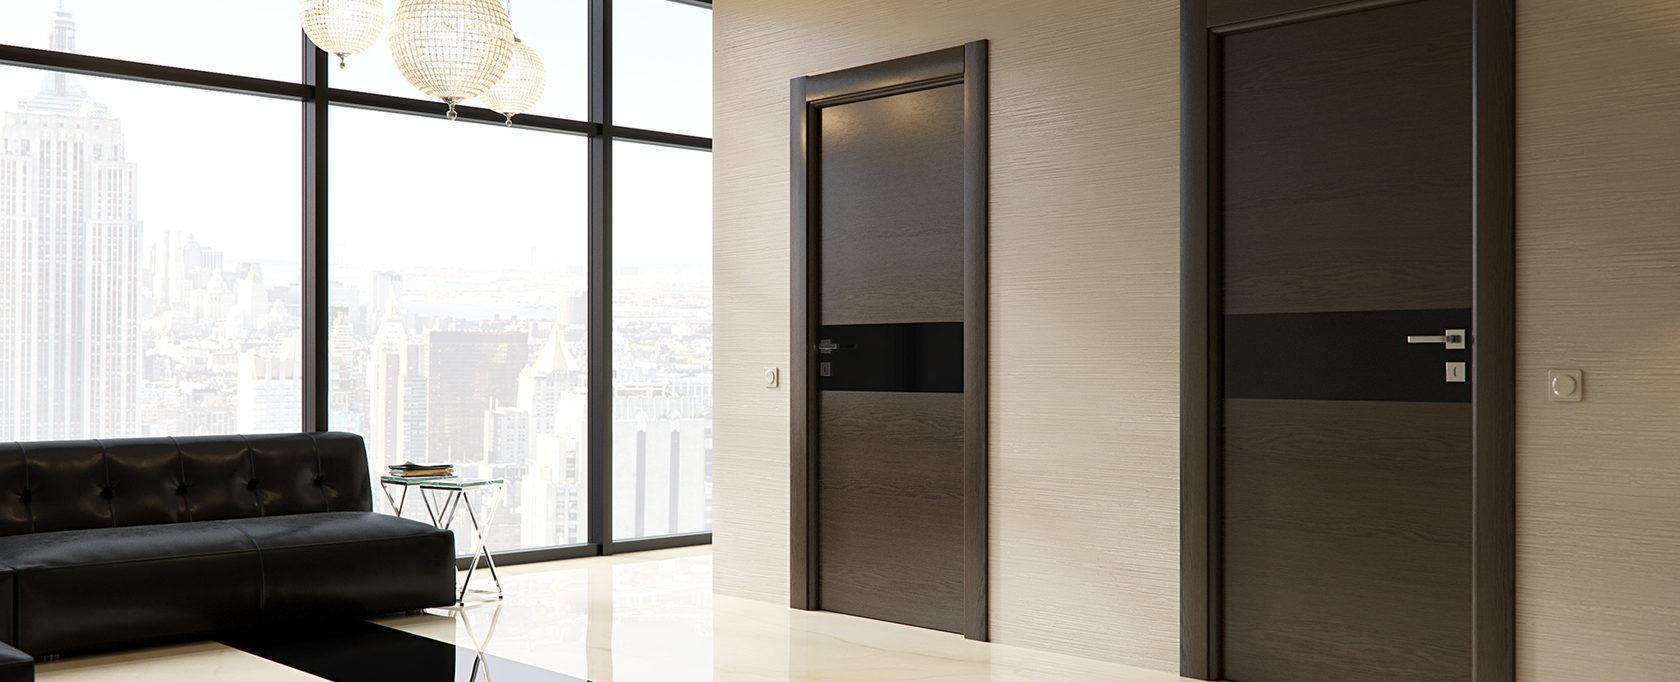 Серия каркасно-щитовых  дверей серии z. Перейти к серии: https://profildoors-mall.com/z